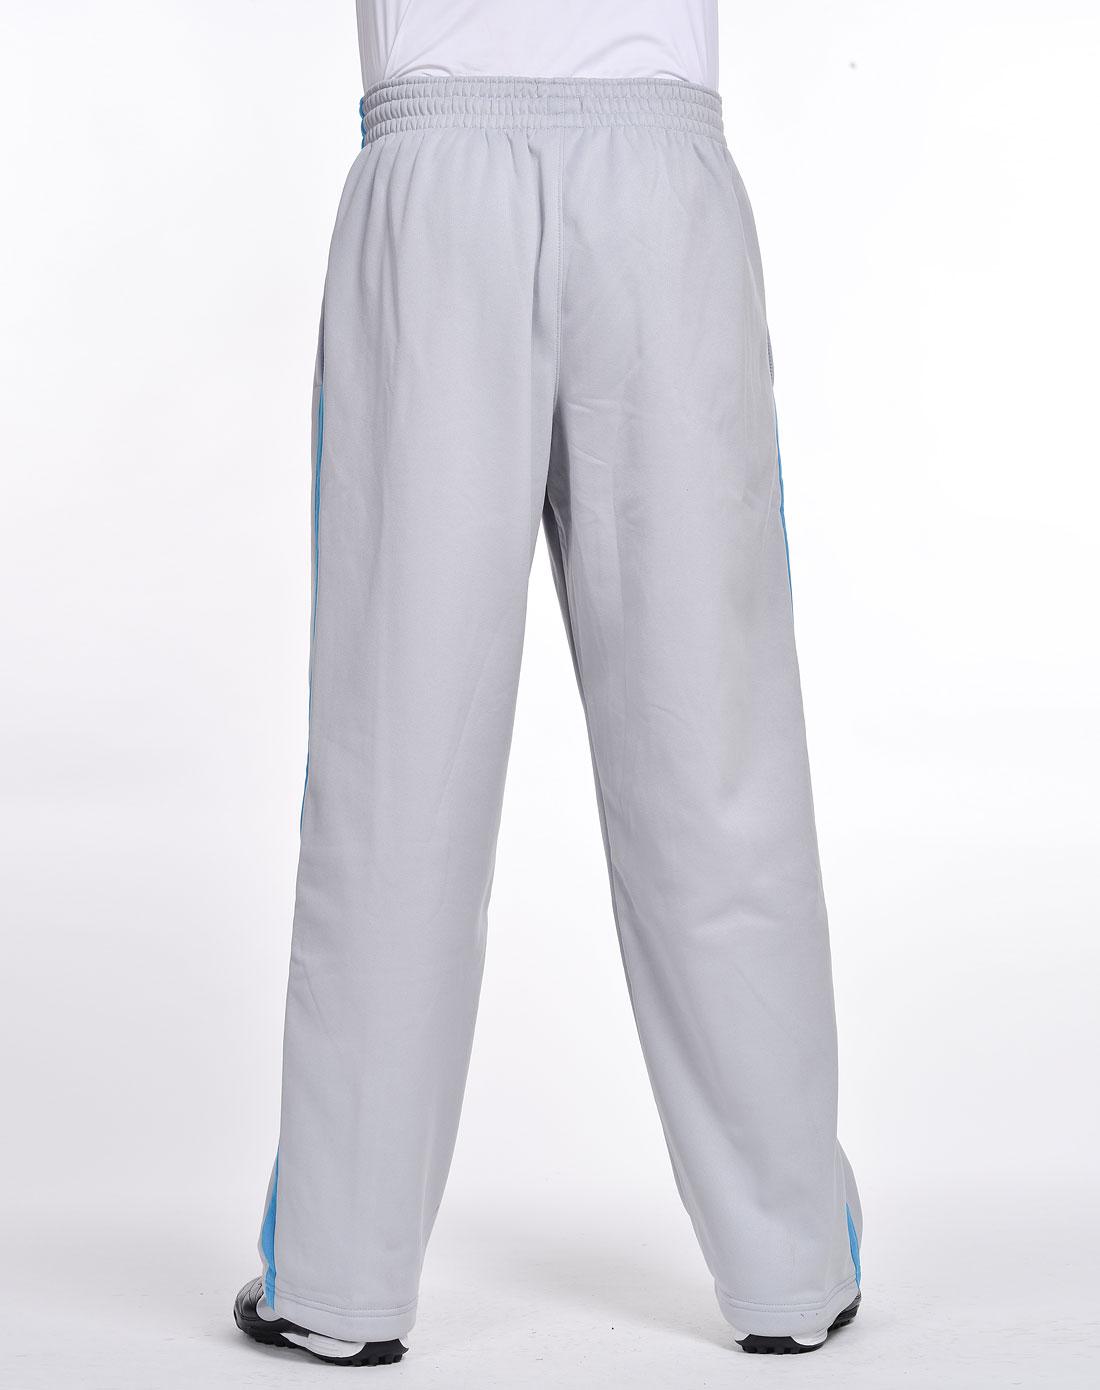 耐克nike男装专场-男子灰色长裤